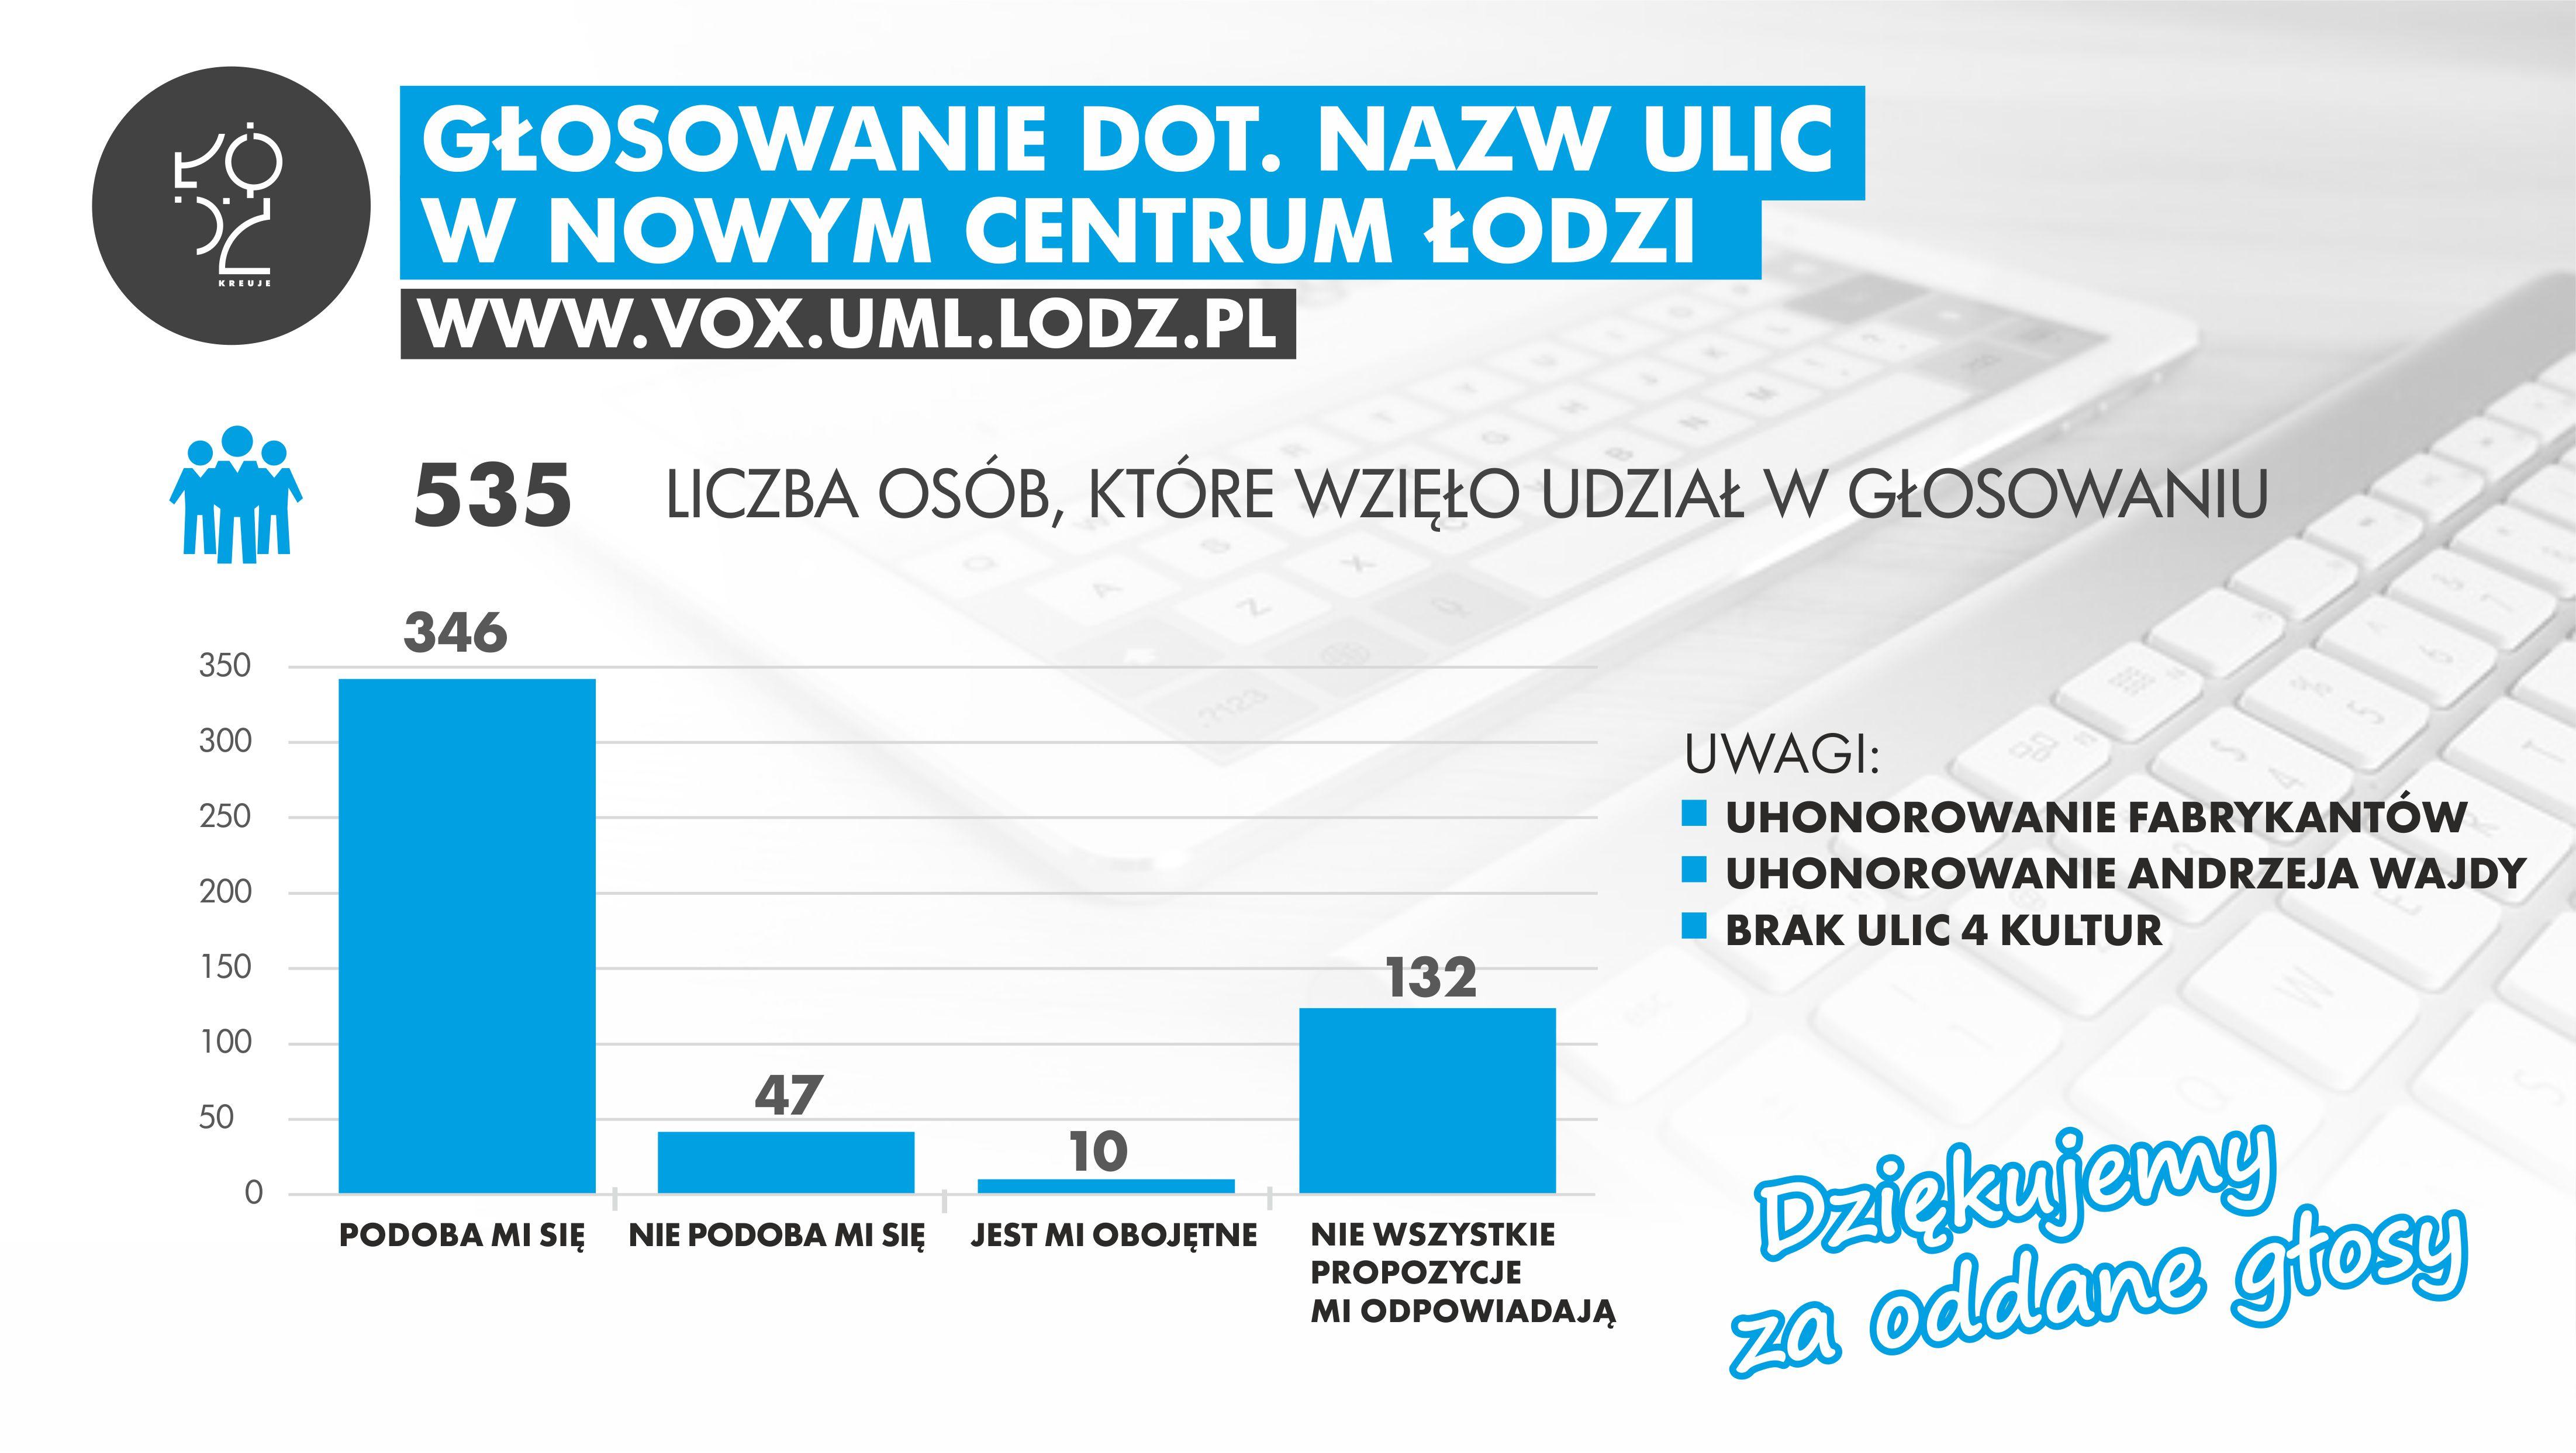 Patroni ulic w NCŁ - podsumowanie głosowania